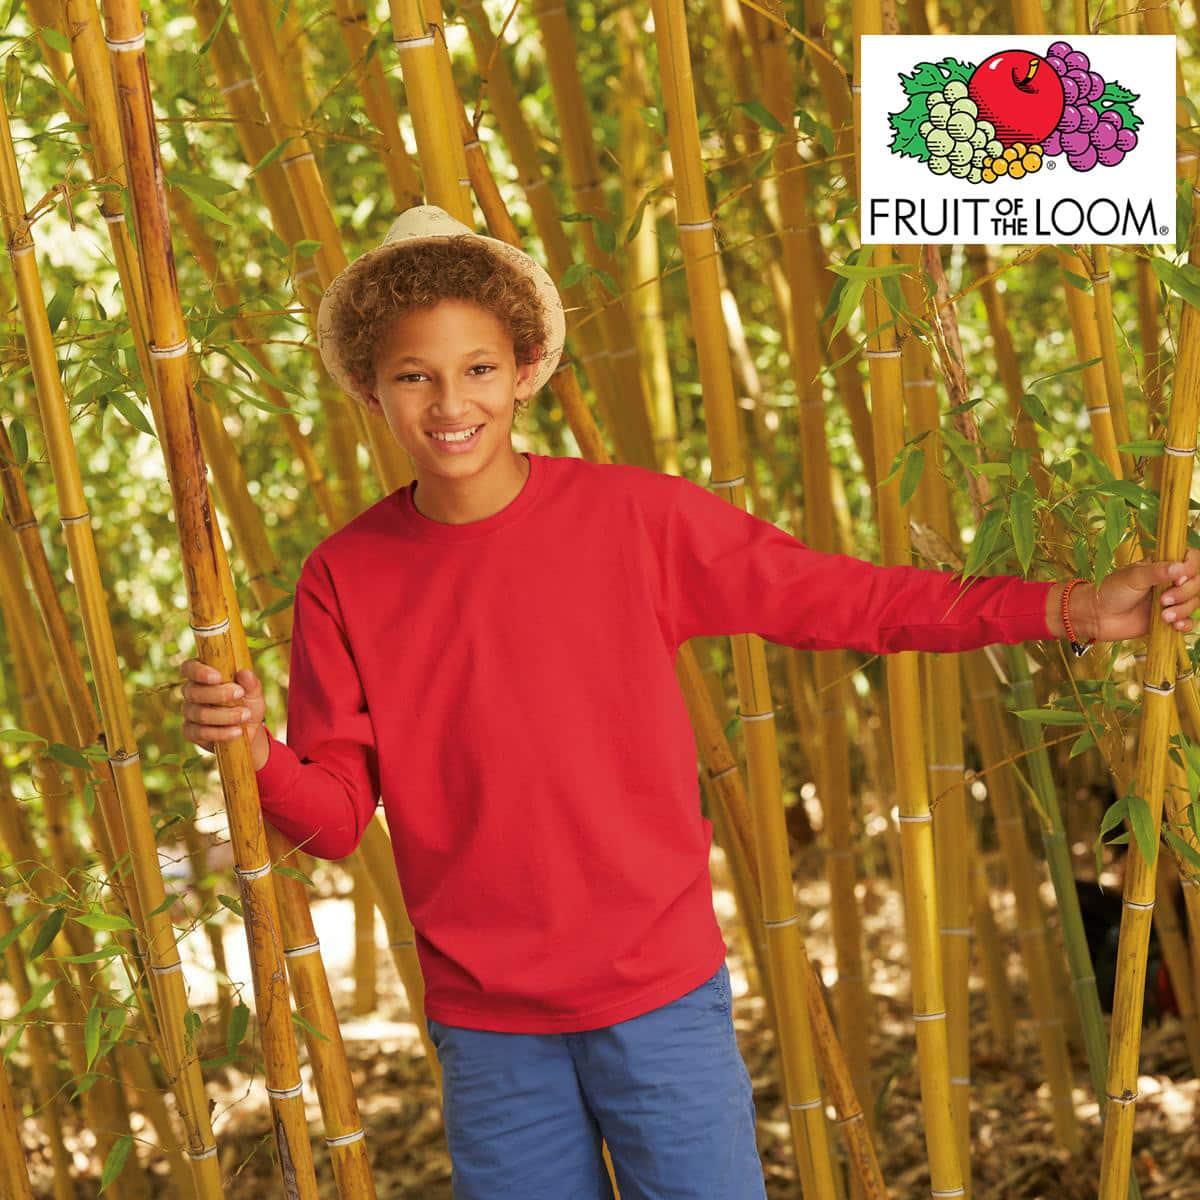 Bambino con tshirt manica lunga in cotone e girocollo di colore rosso